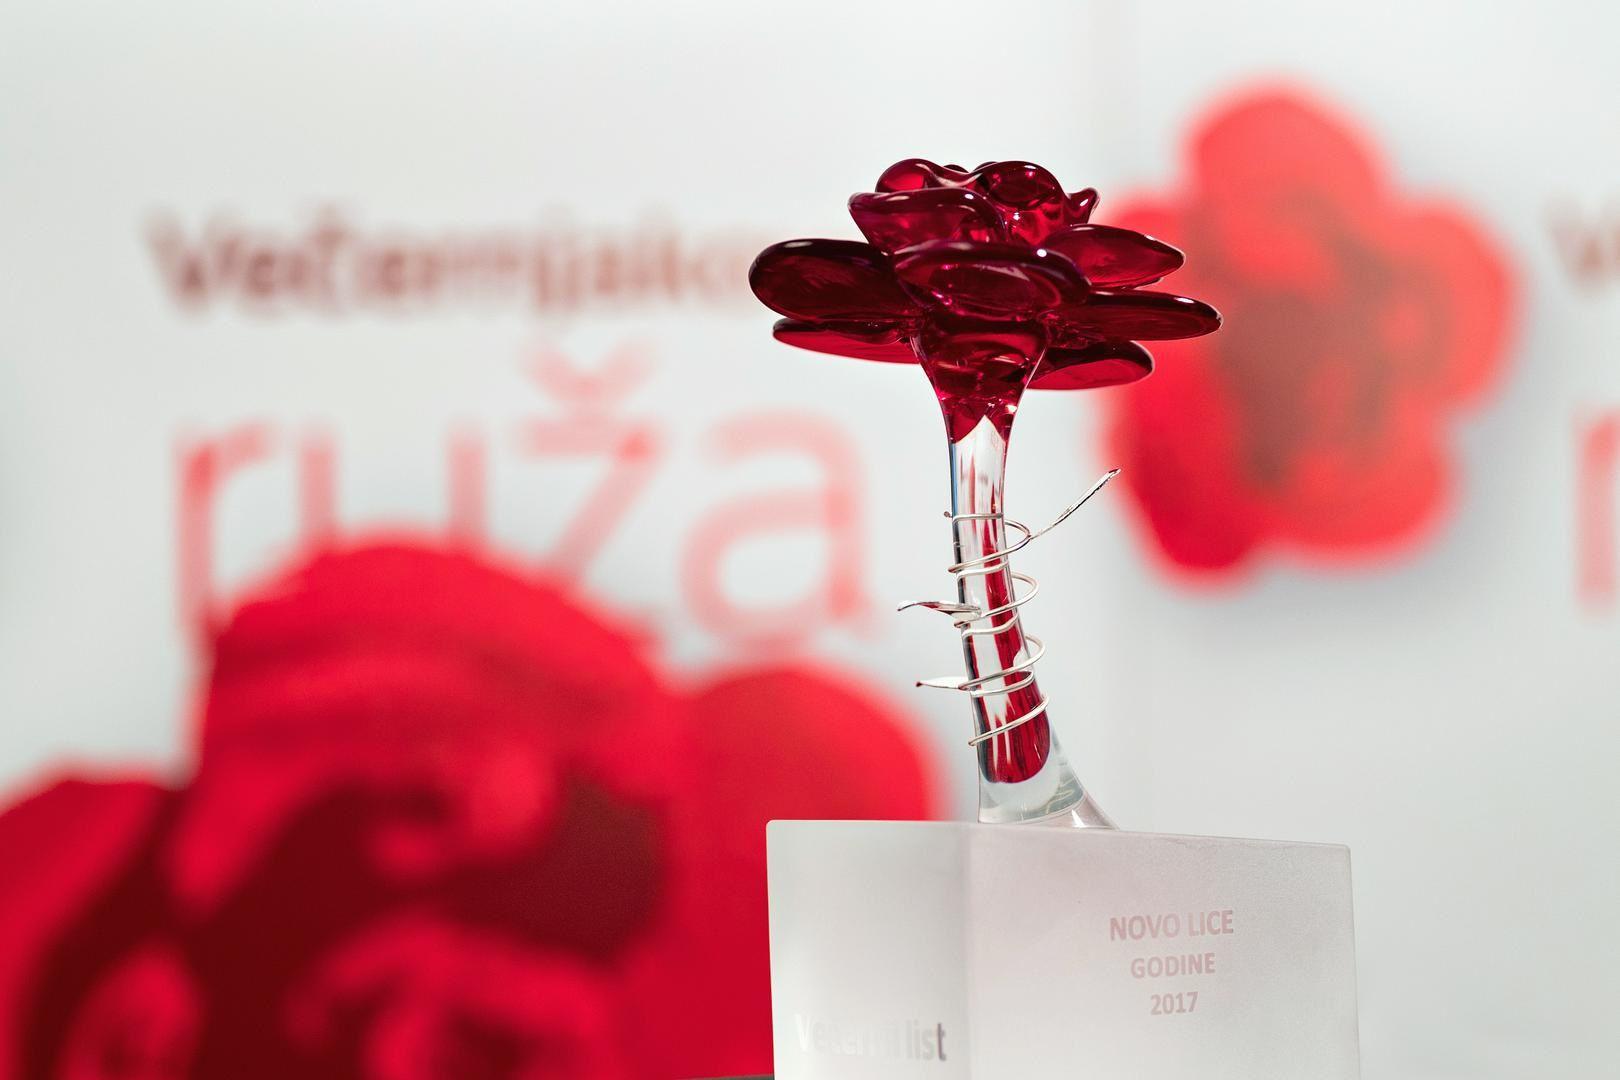 Večernjakova ruža: Glasajte za nominirane, očekuju vas i bogate nagrade